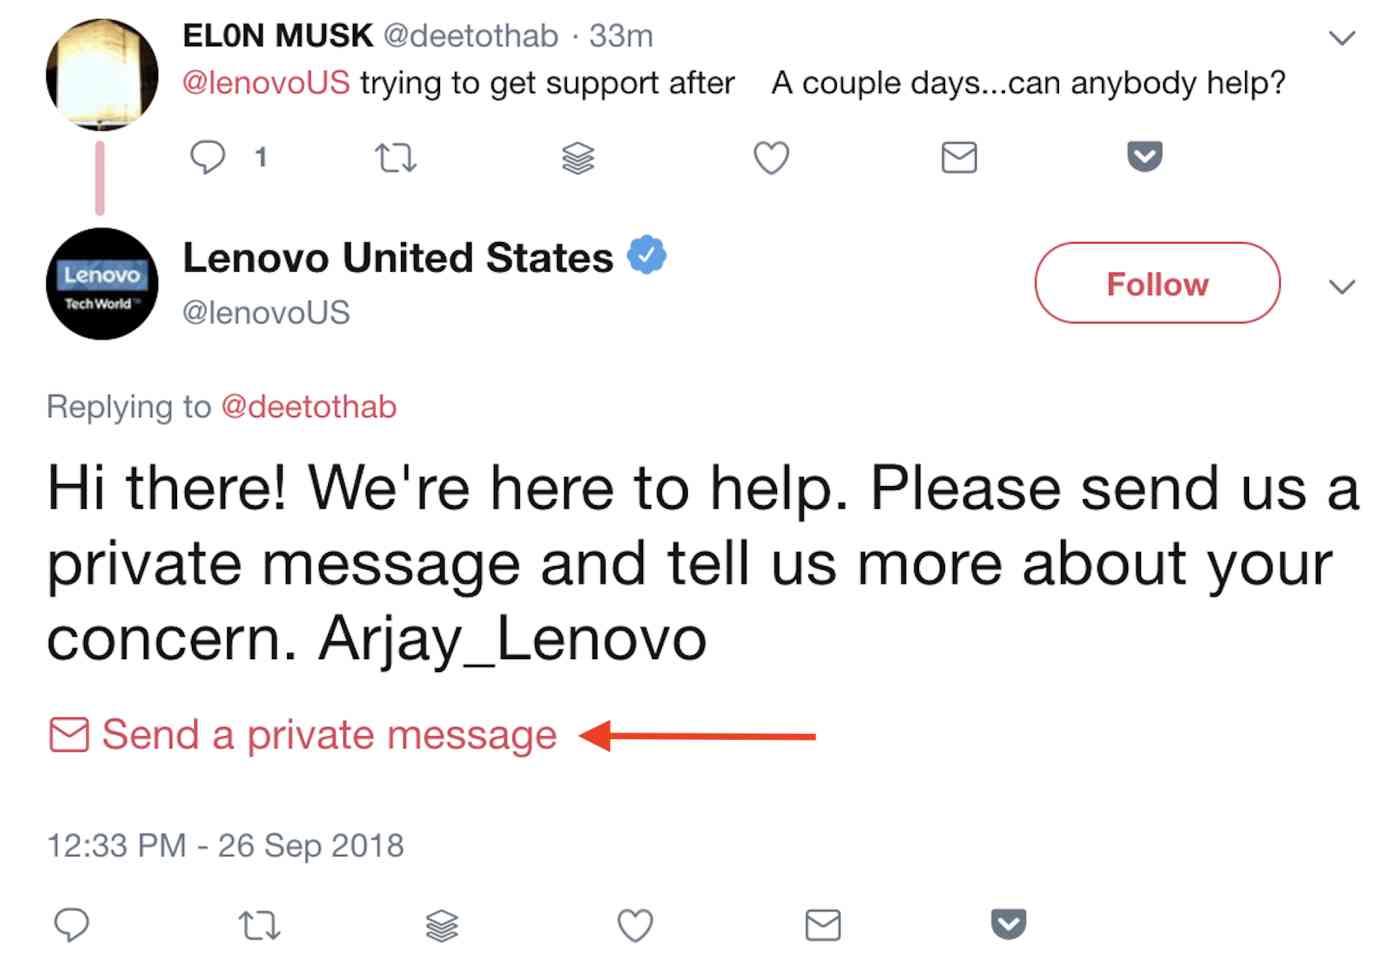 Send a private message button